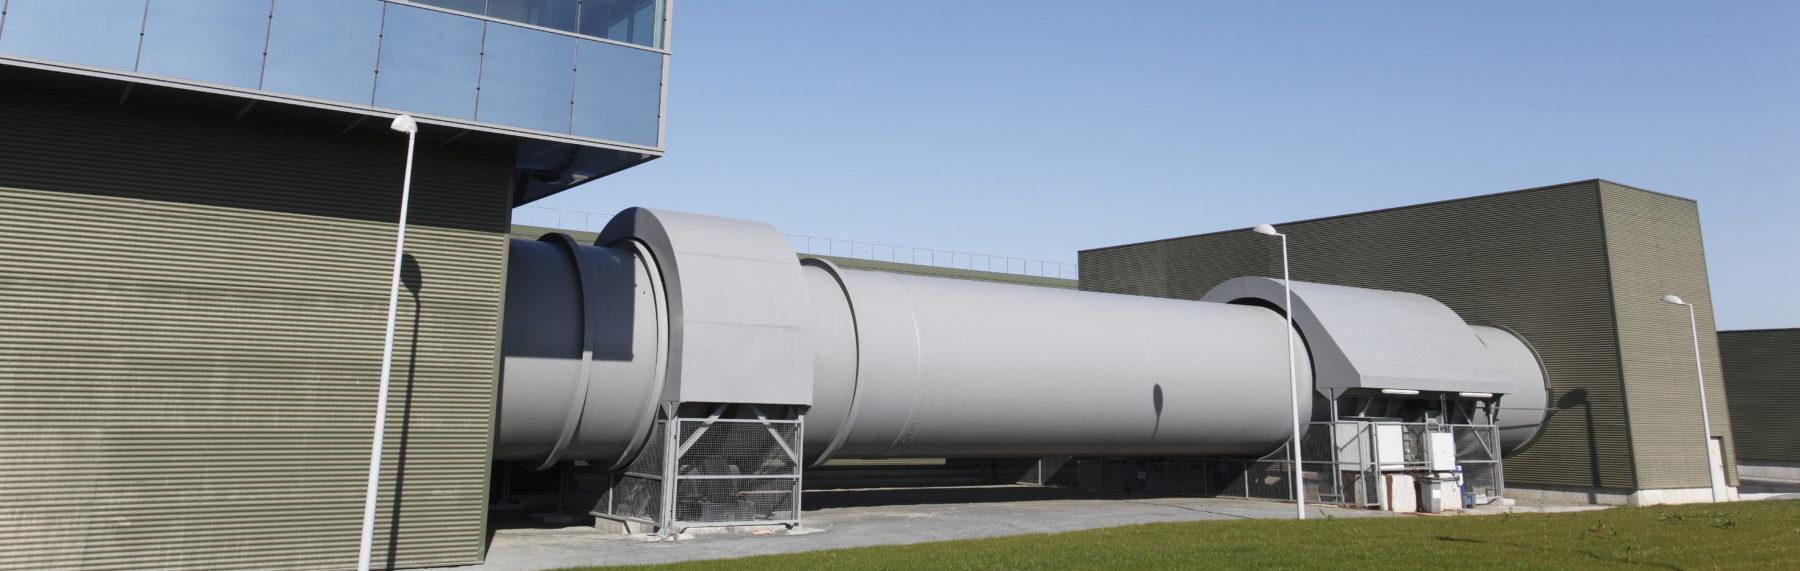 Un des tubes de pré-fermentation de l'usine Trivalandes Photo Trivalis - D Fugères